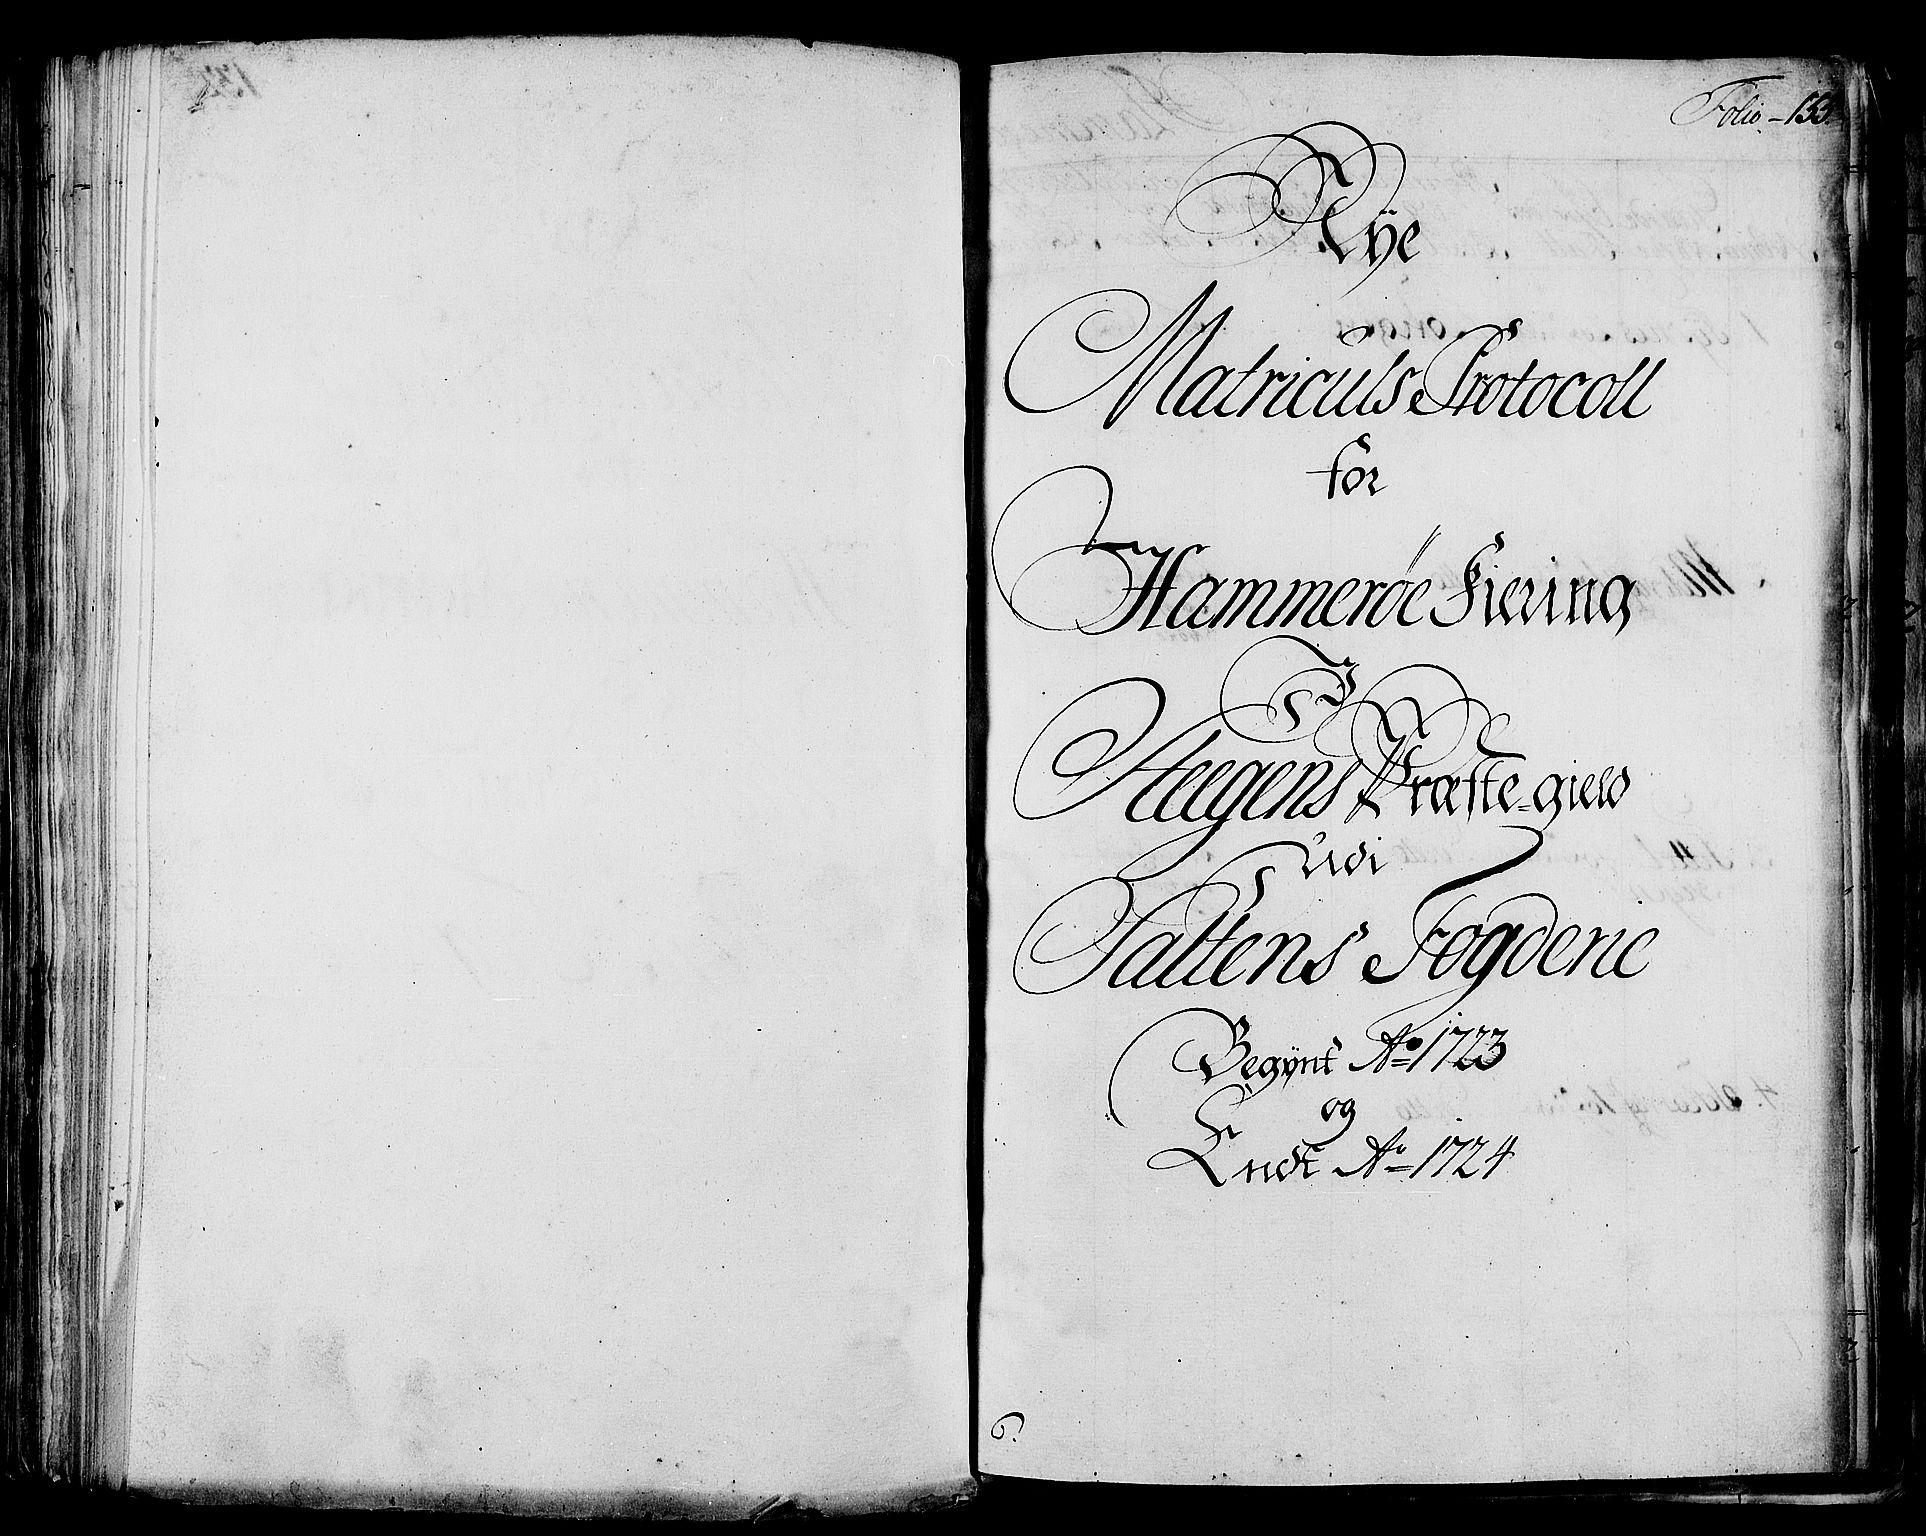 RA, Rentekammeret inntil 1814, Realistisk ordnet avdeling, N/Nb/Nbf/L0172: Salten eksaminasjonsprotokoll, 1723, s. 132b-133a